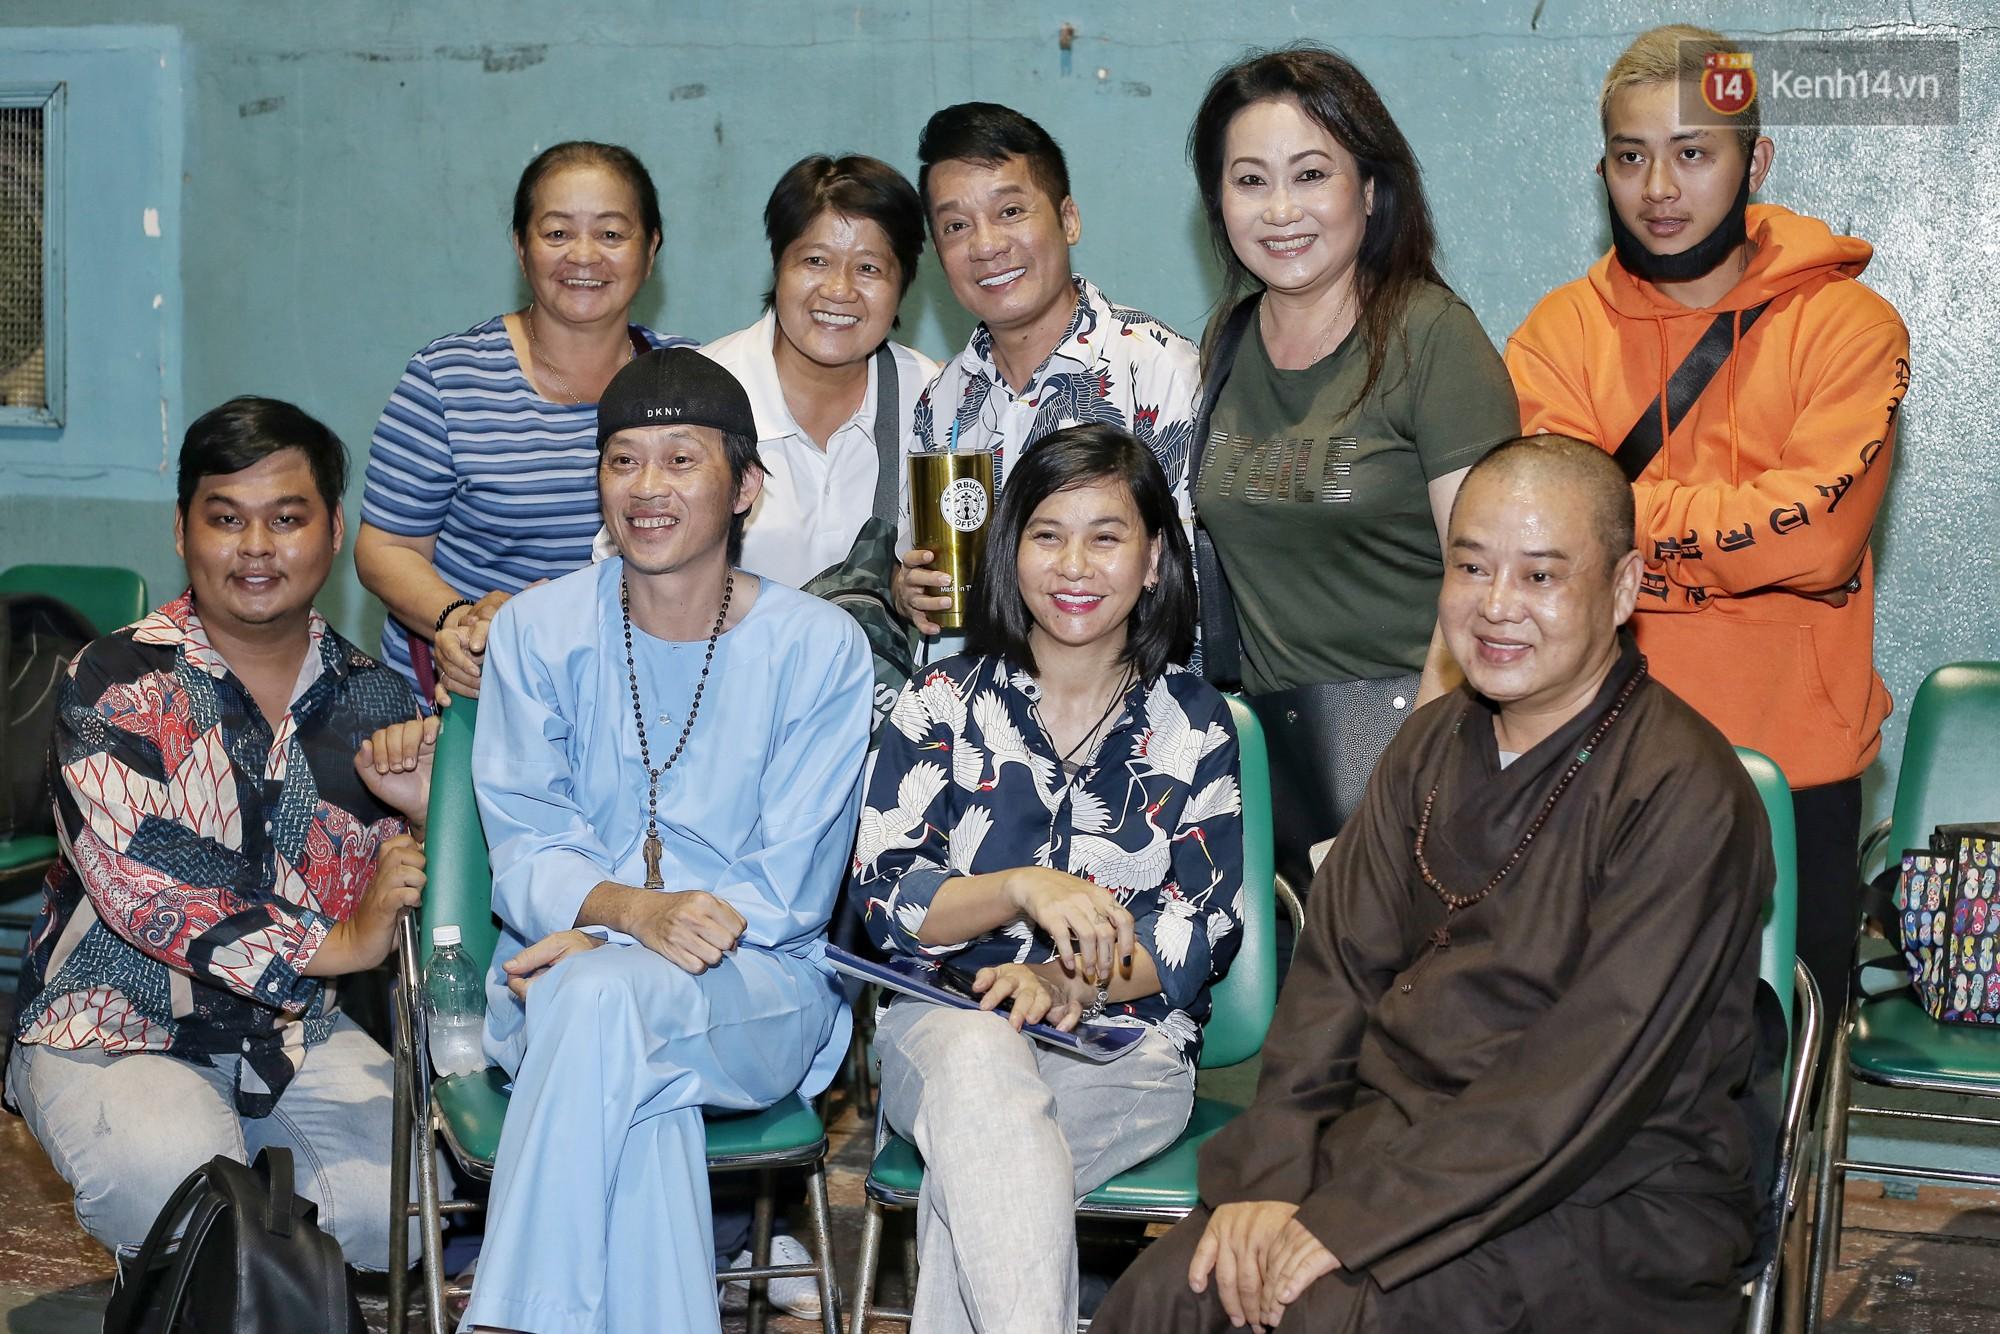 Hoài Lâm chính thức lộ diện sau nửa năm giải nghệ, cùng vợ chồng Khởi My tập luyện trước thềm liveshow Hoài Linh - Ảnh 9.